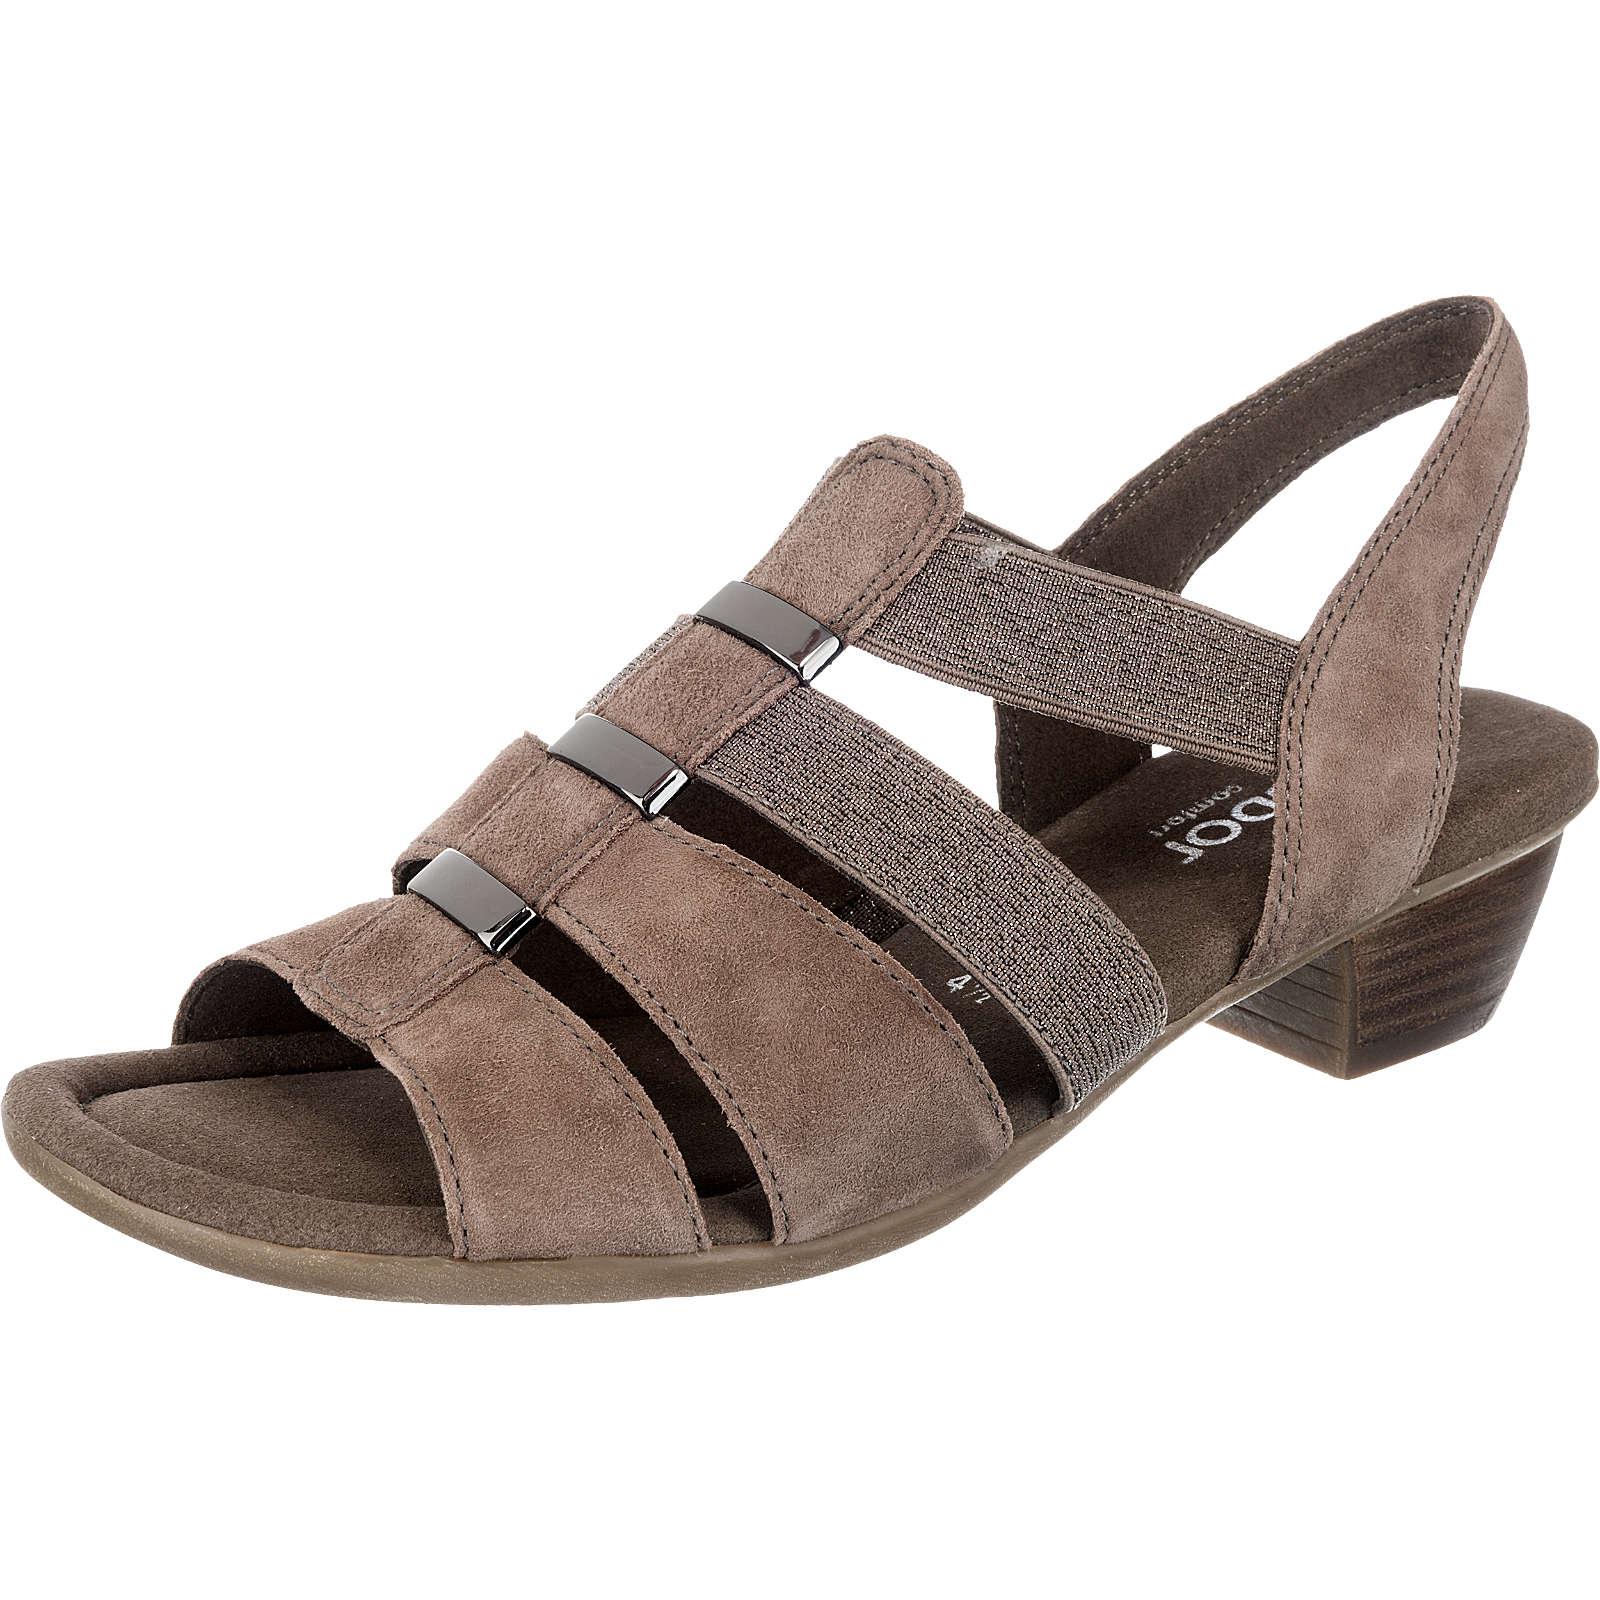 Gabor Klassische Sandaletten beige Damen Gr. 42